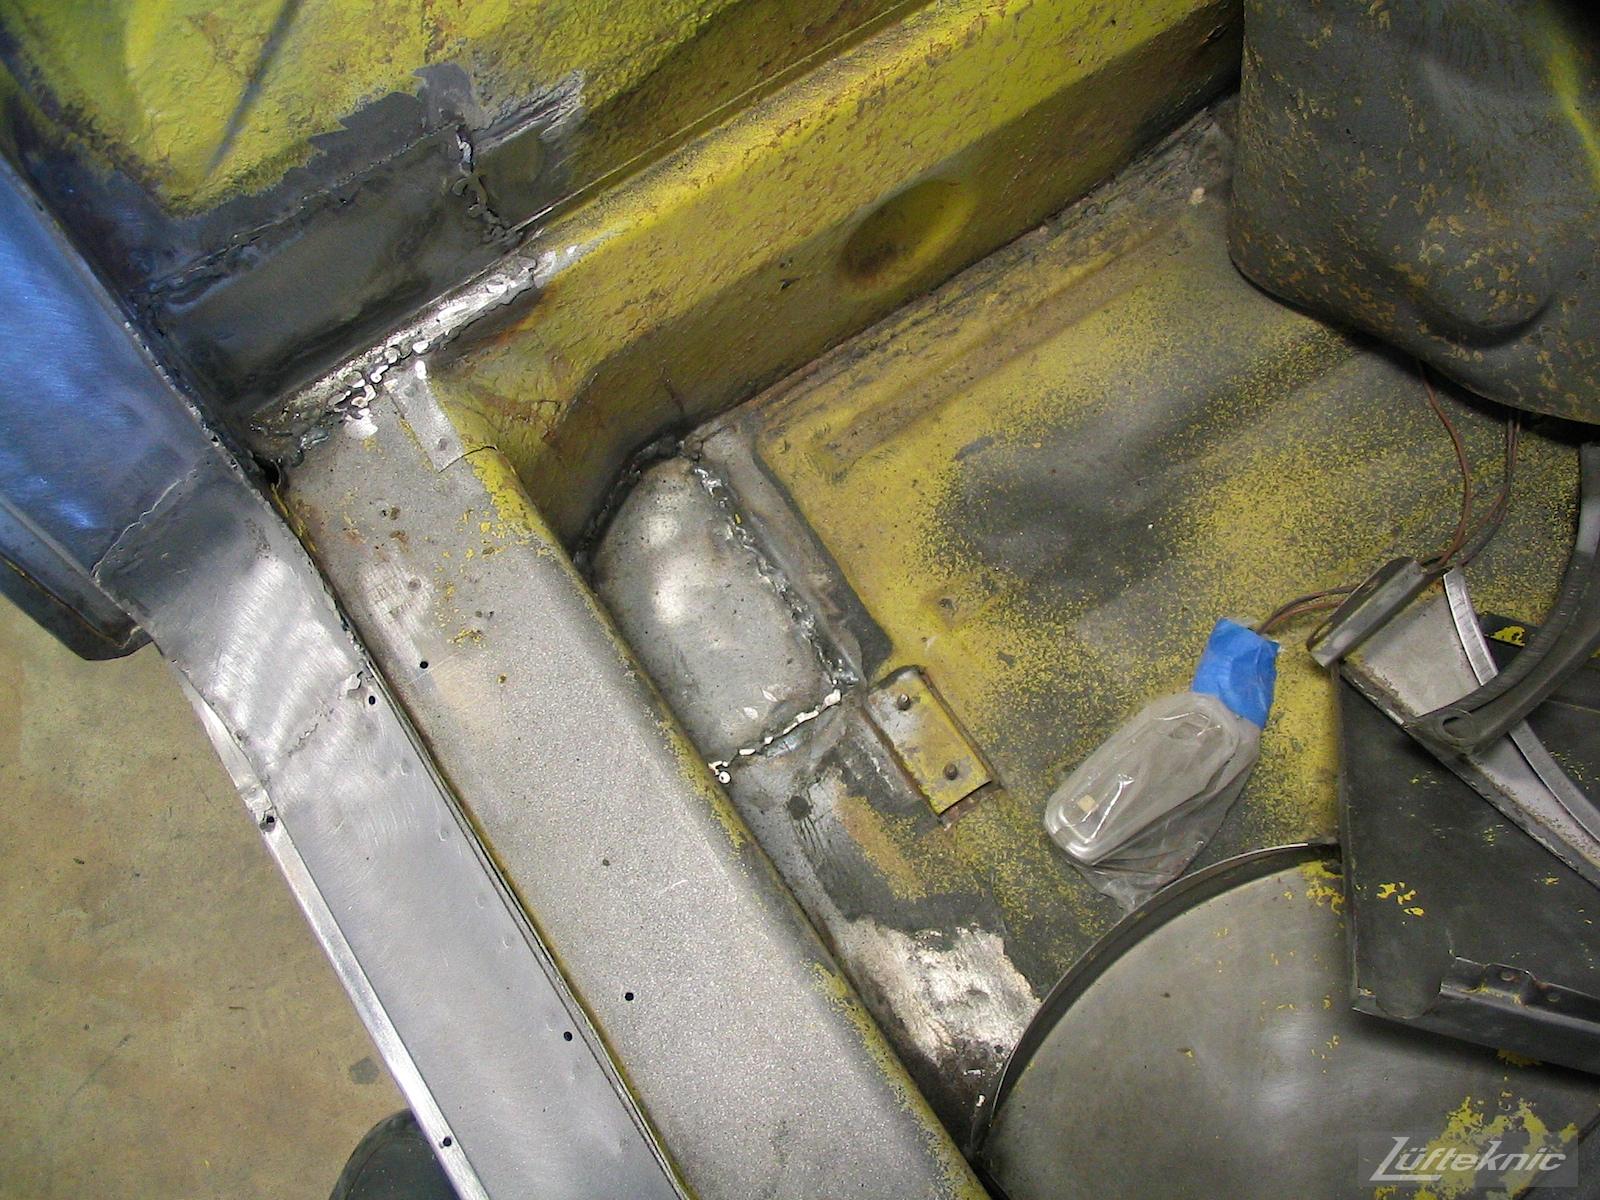 Rust repair close up on a yellow Porsche 914 being restored.